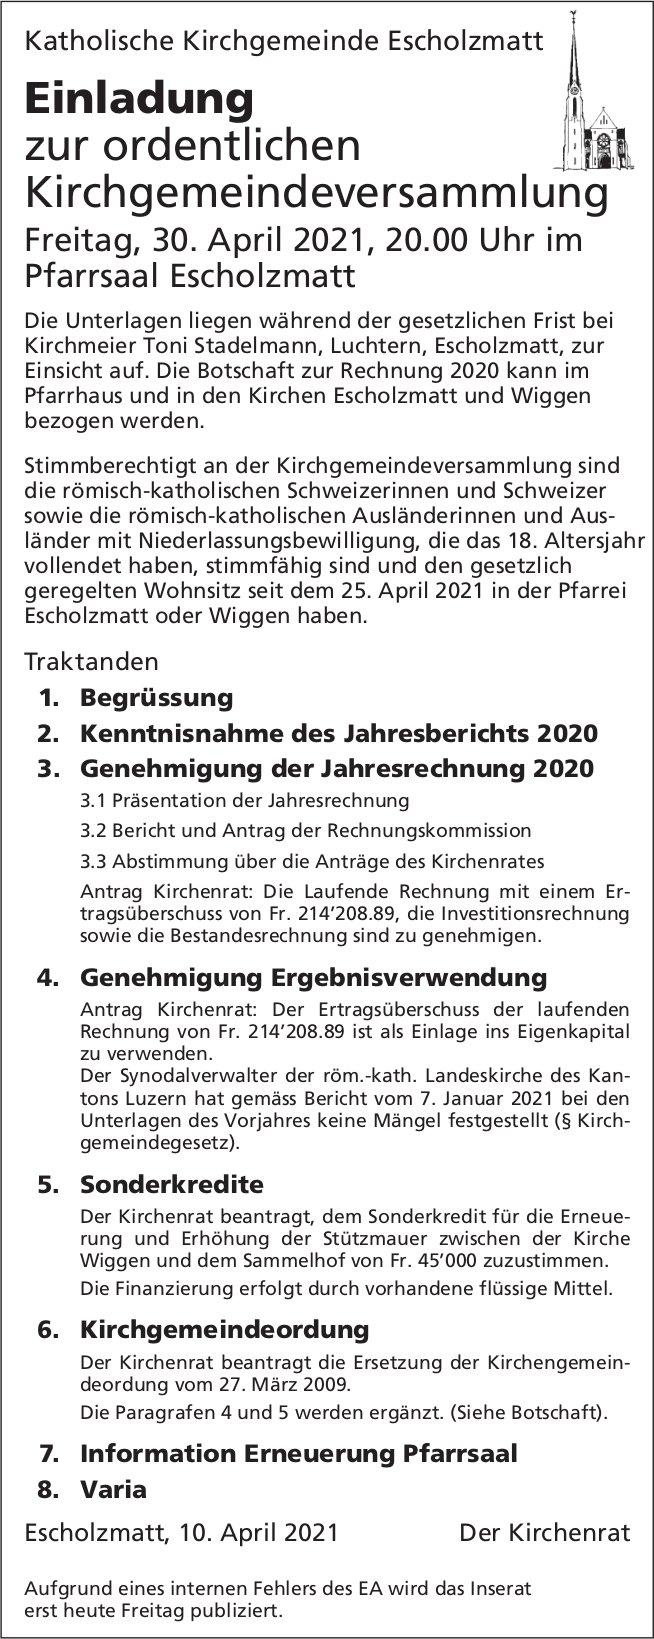 Ordentliche Kirchgemeindeversammlung, 30. April, Pfarrsaal, Escholzmatt